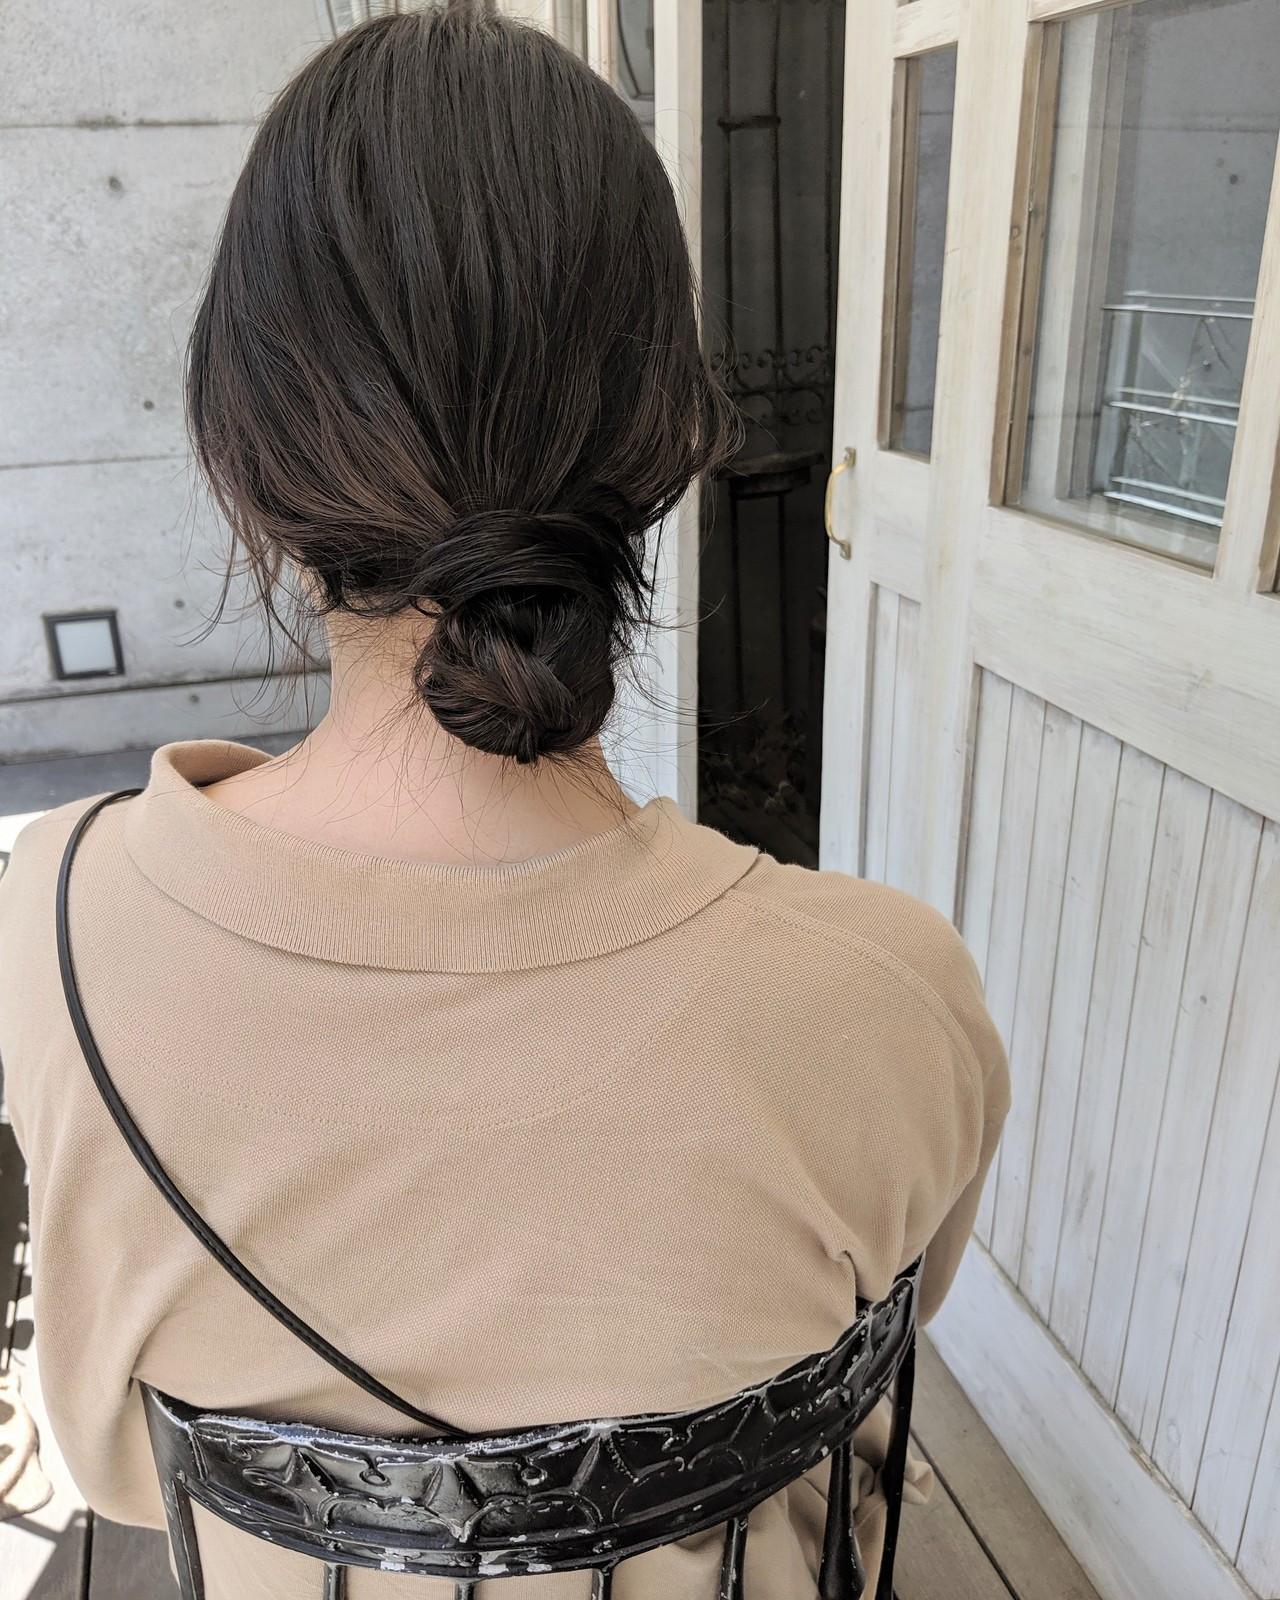 ミディアム 黒髪 お団子ヘア ナチュラル ヘアスタイルや髪型の写真・画像